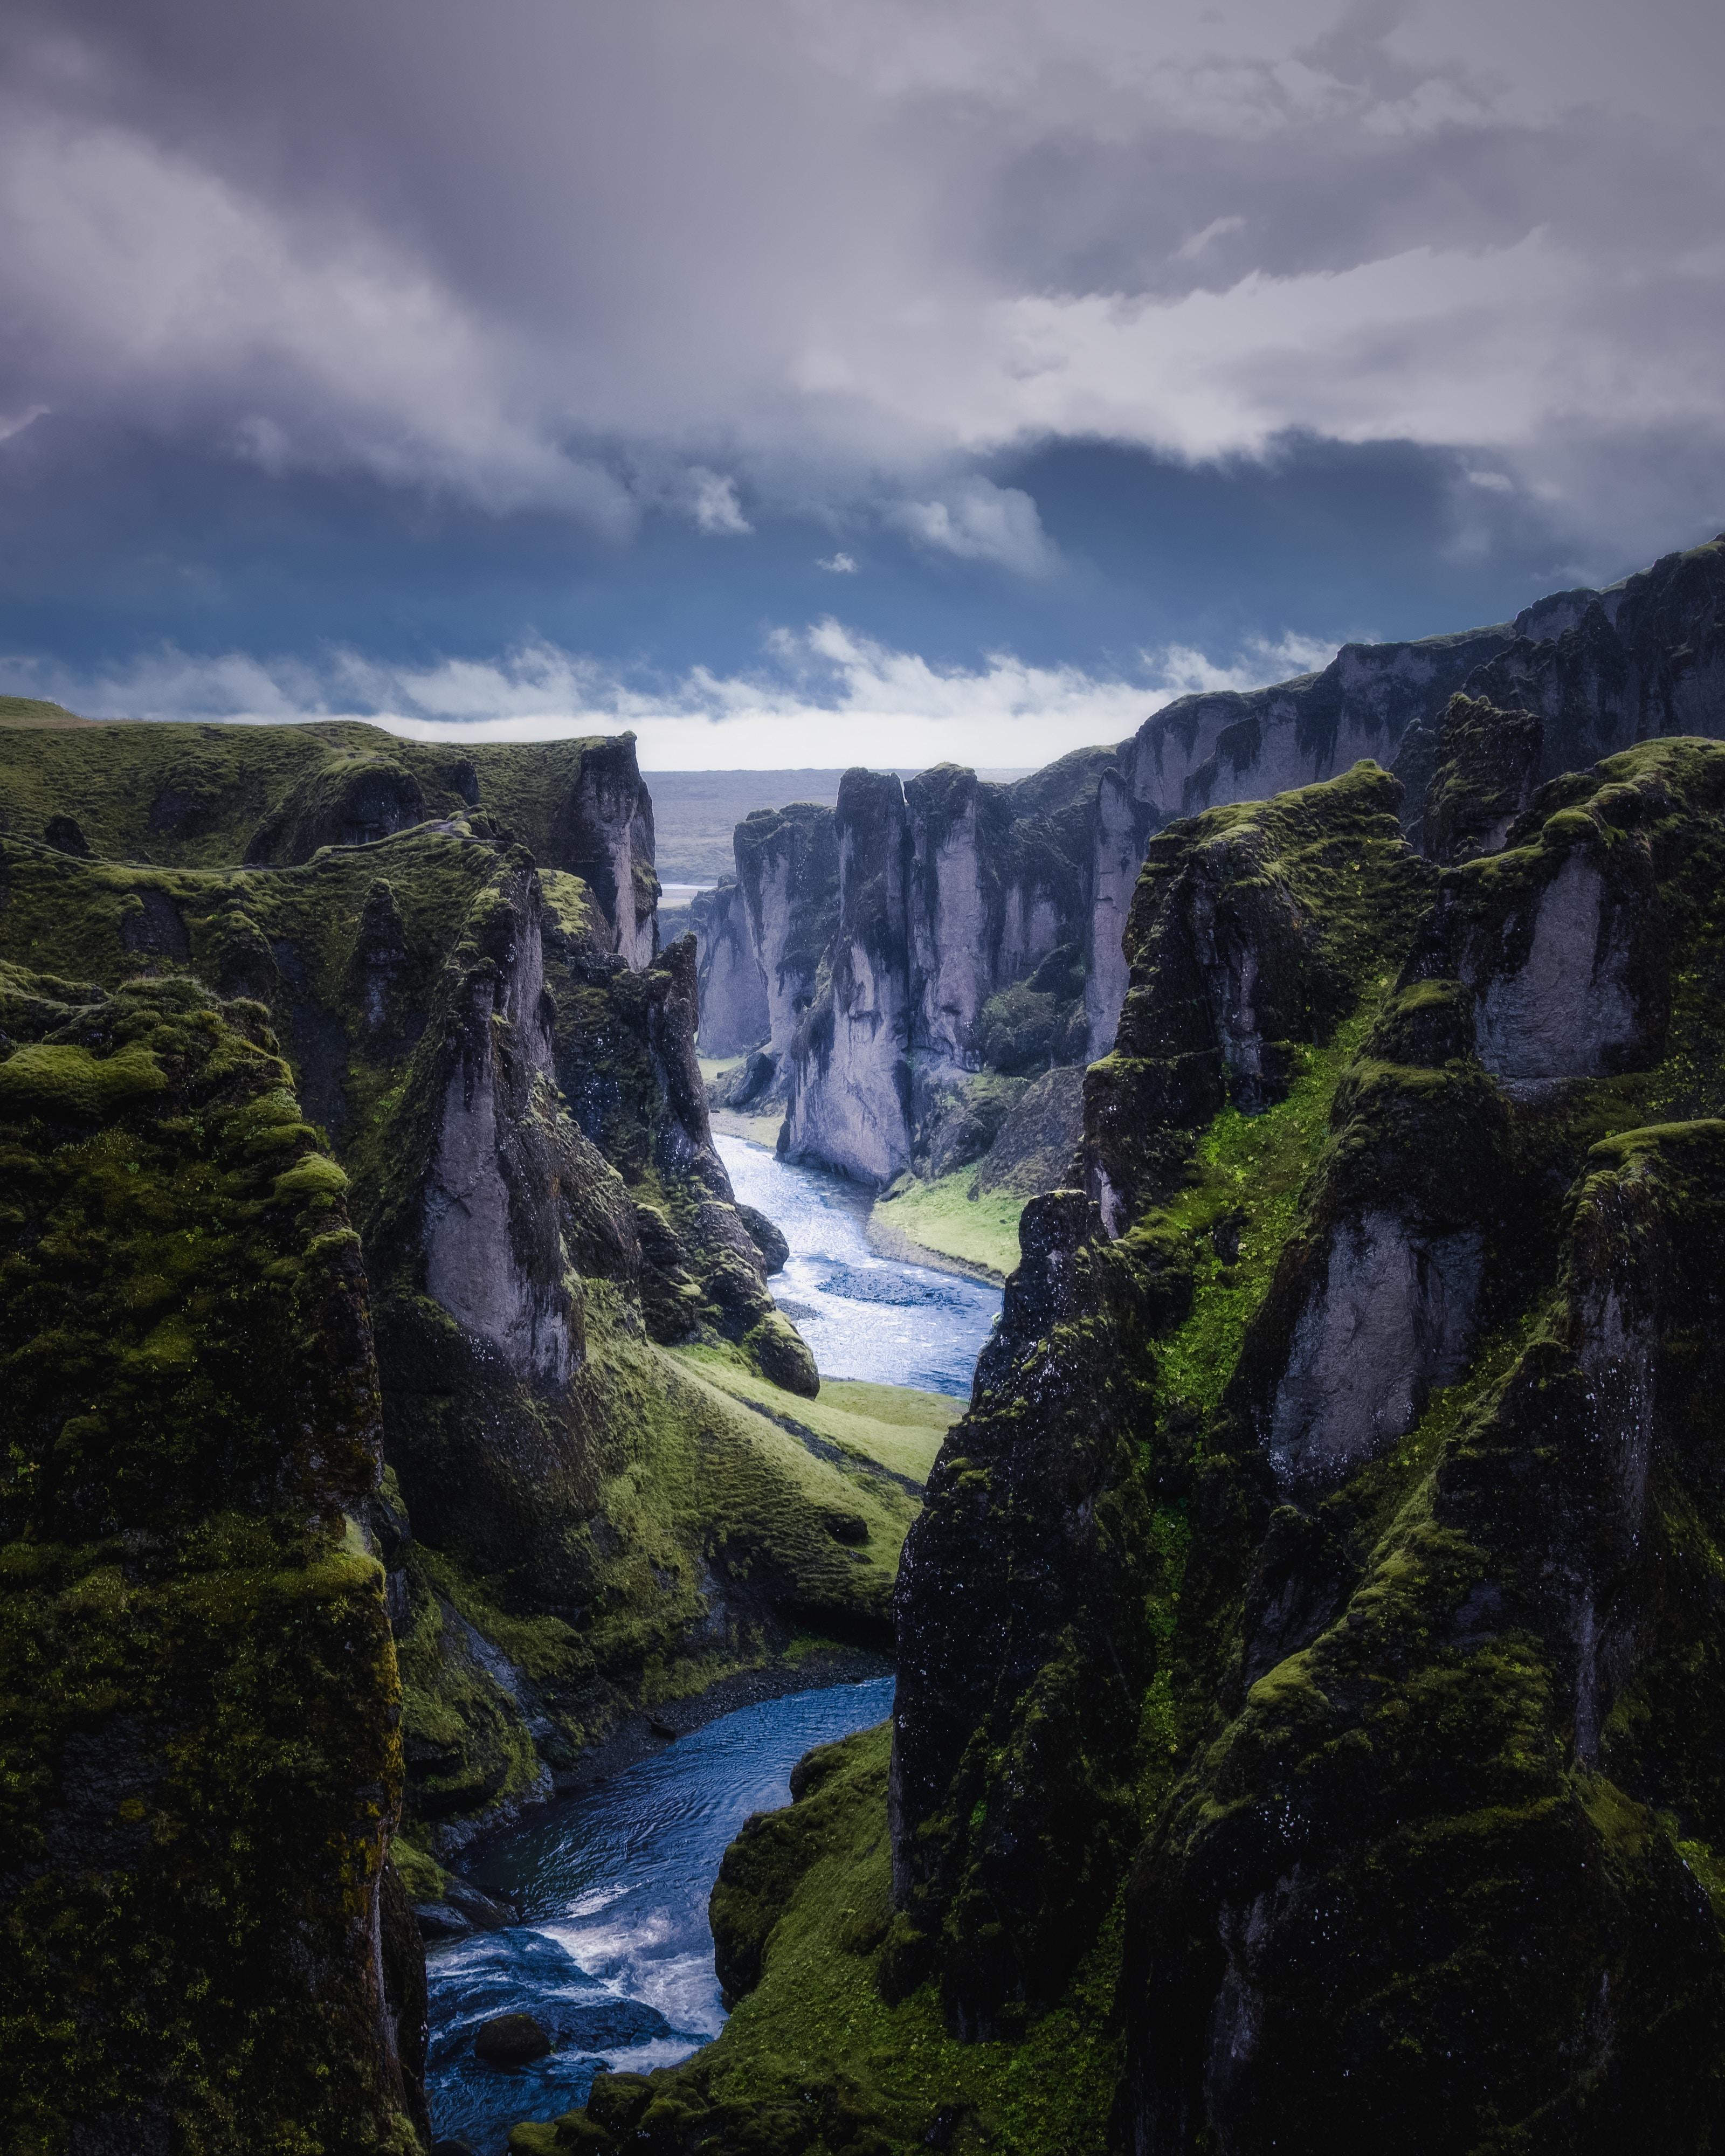 133176 Hintergrundbild herunterladen Flüsse, Natur, Sky, Felsen, Die Steine, Fließen, Fluss - Bildschirmschoner und Bilder kostenlos